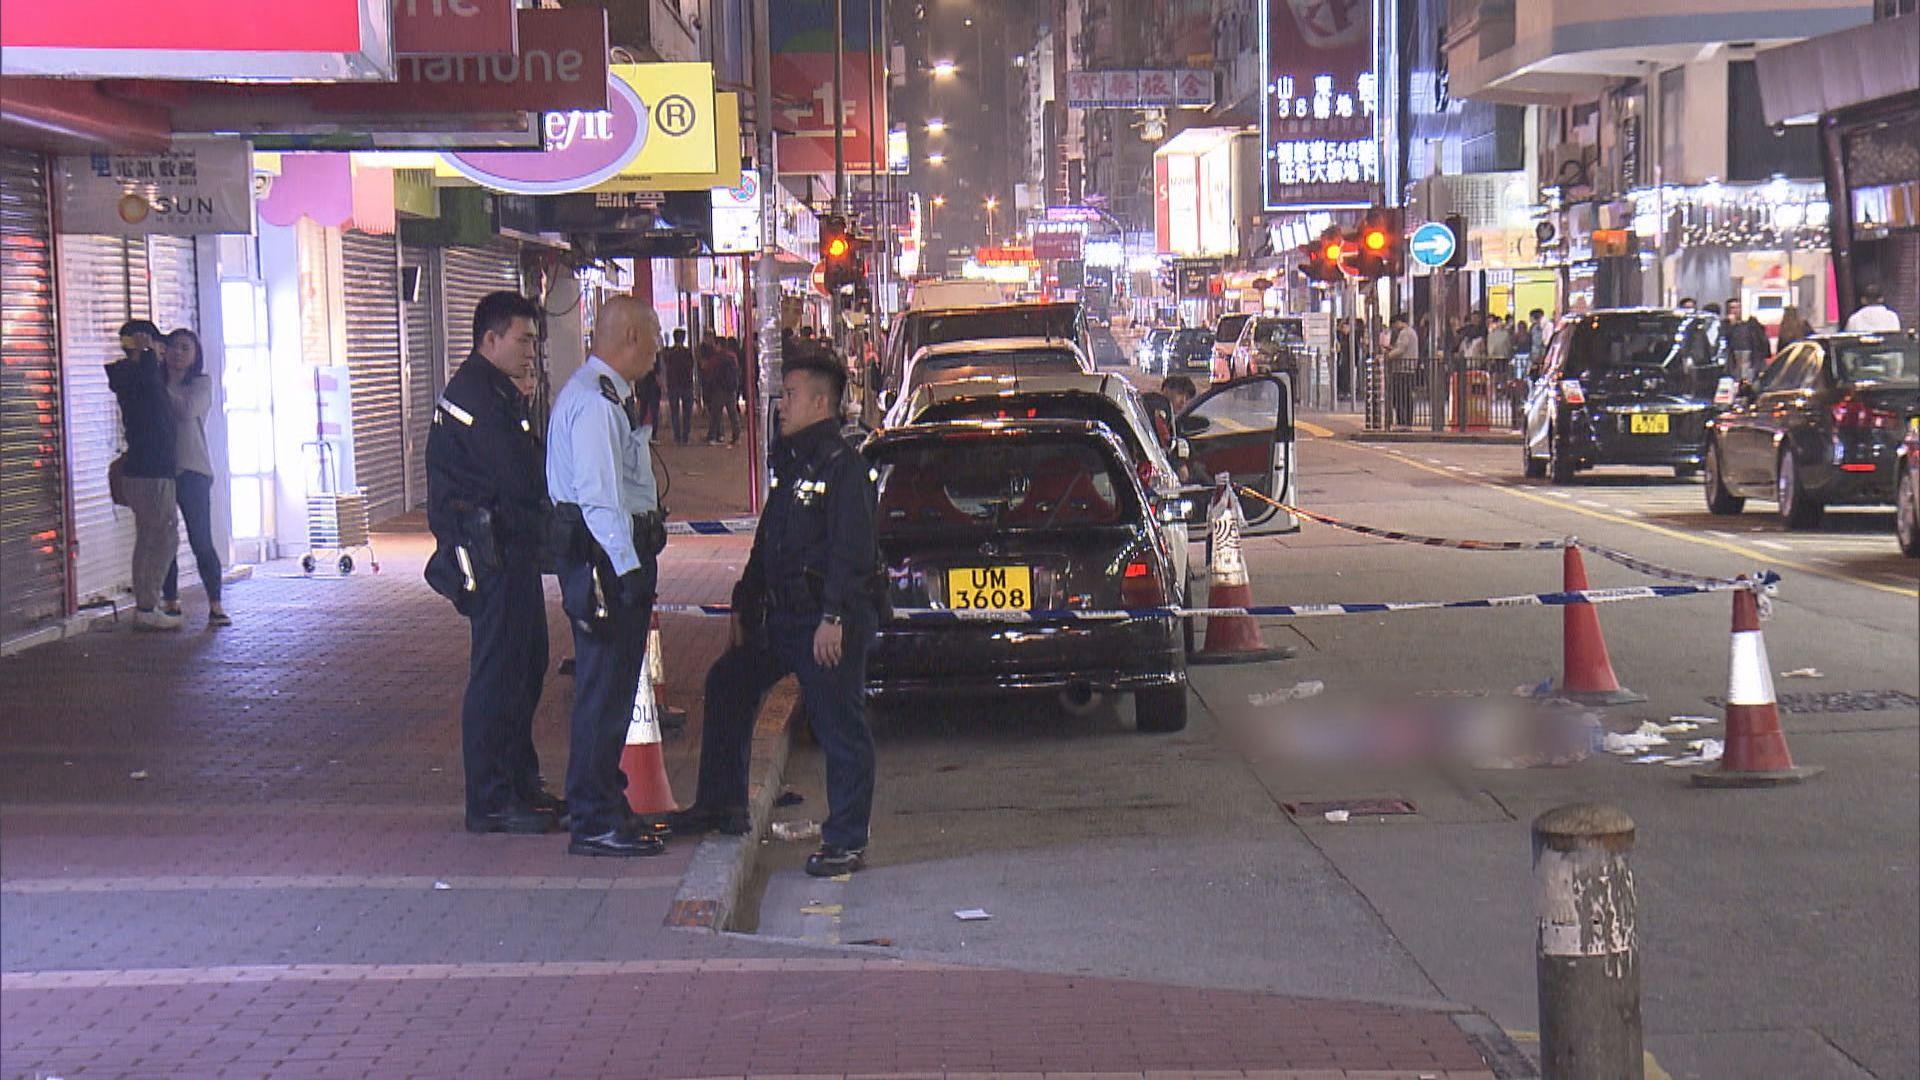 旺角男子遭多人持刀襲擊受傷